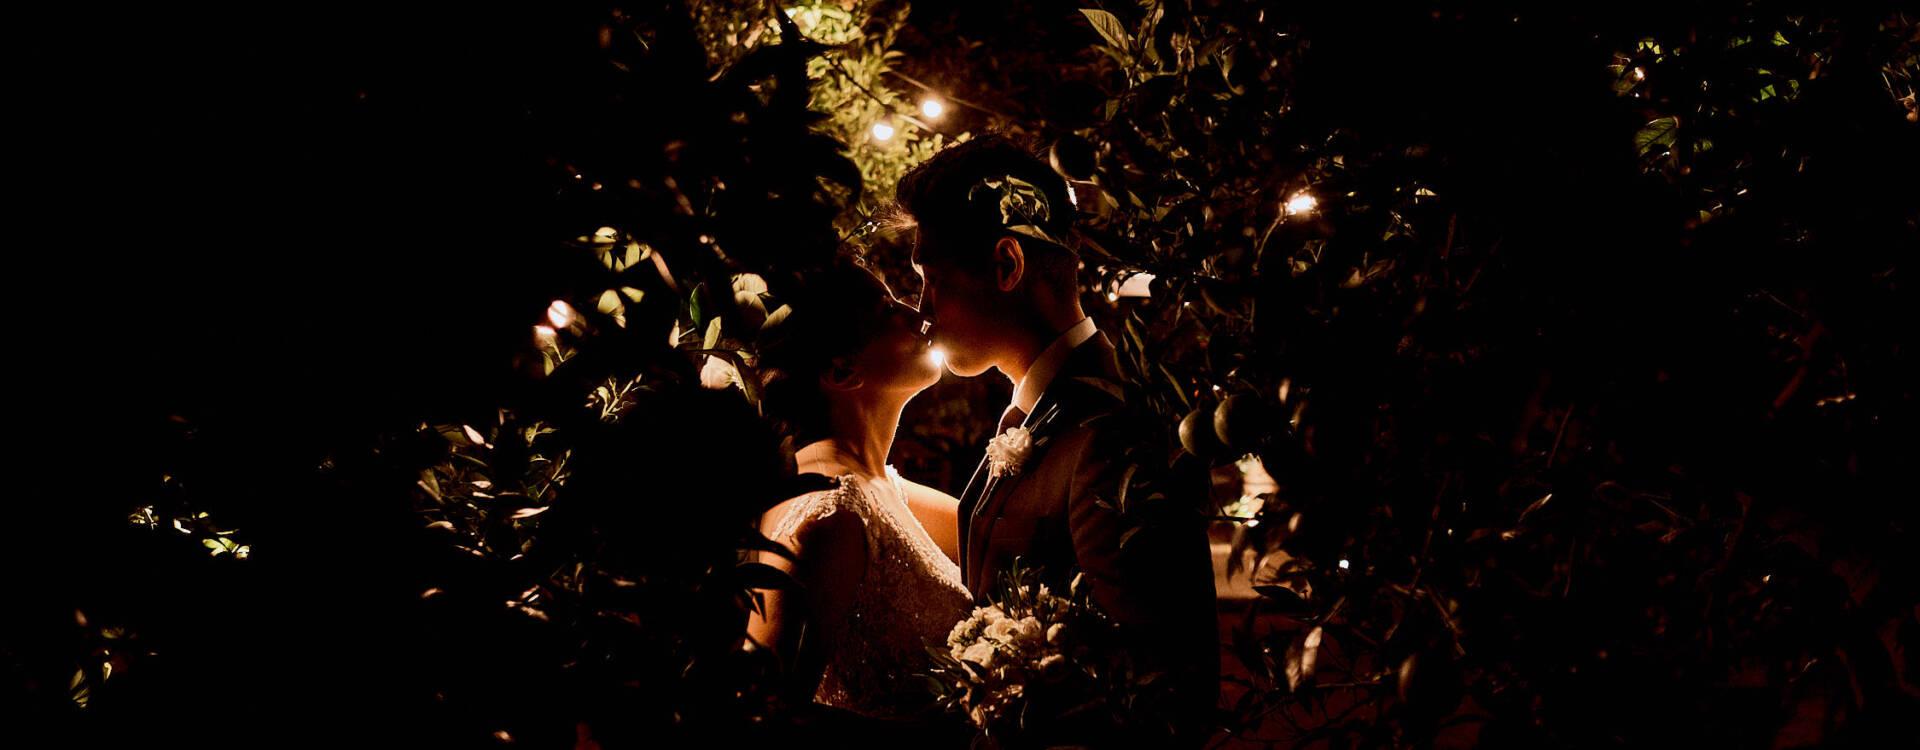 come scegliere il fotografo del proprio matrimonio